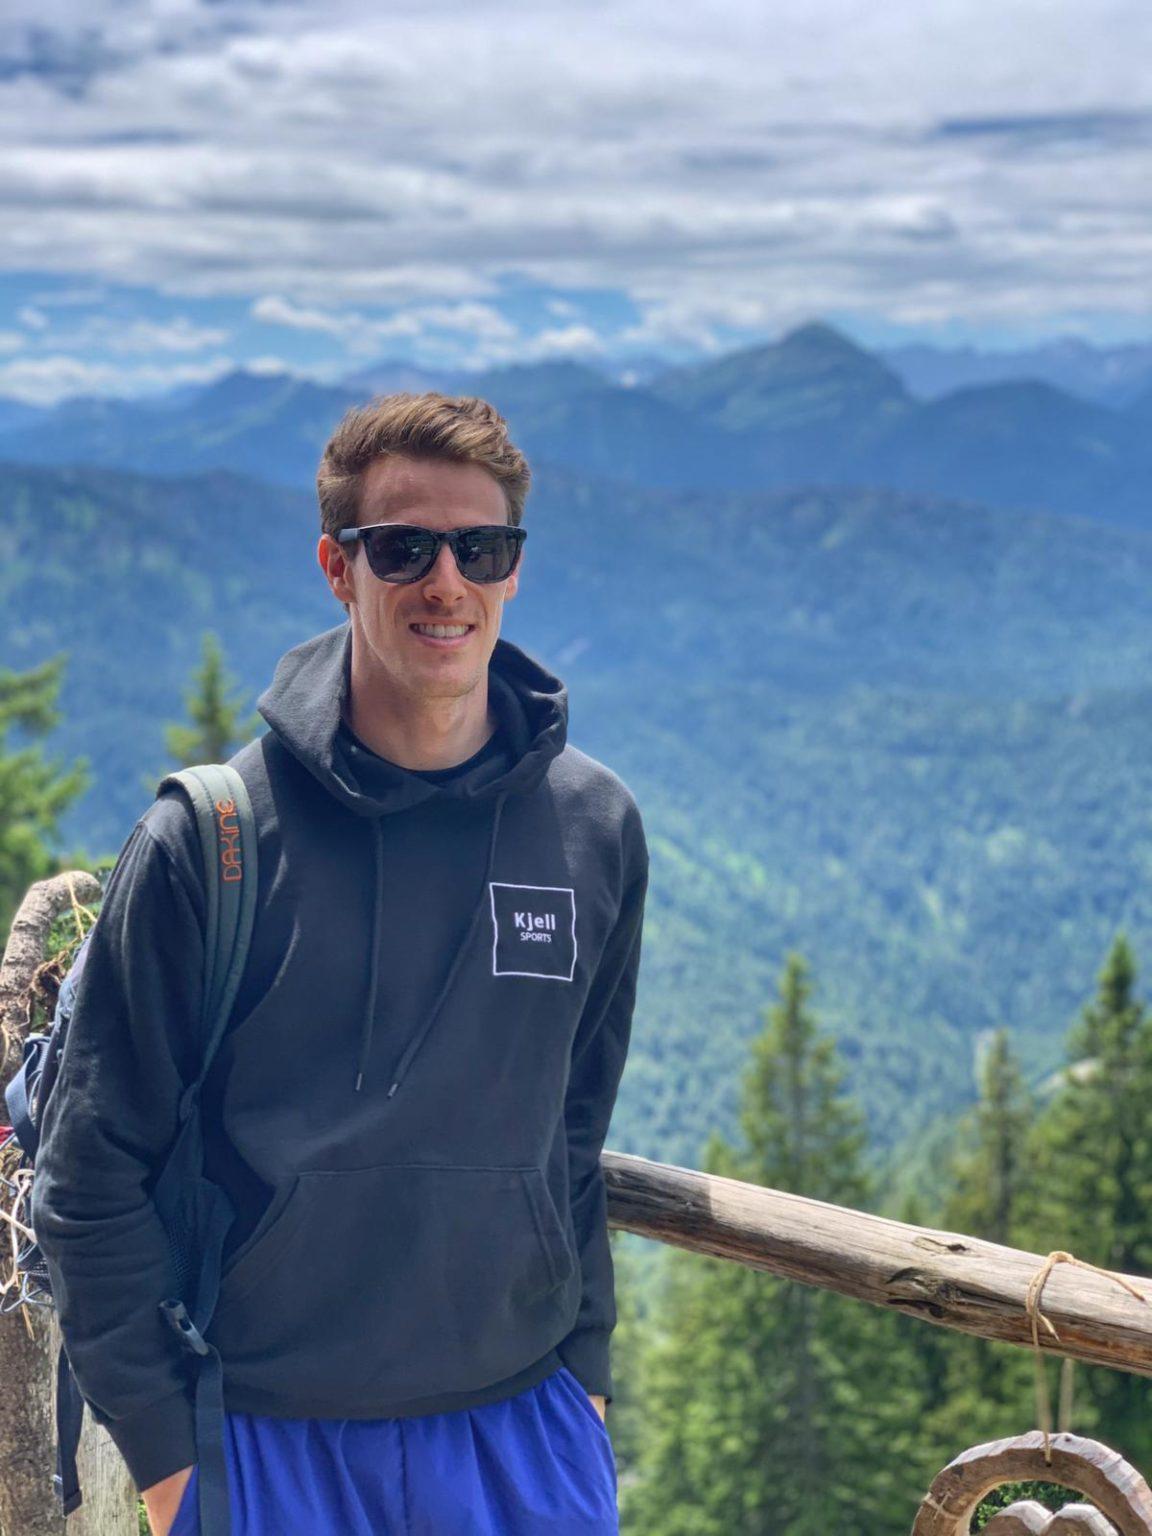 Kjell SPORTS Leidenschaft Qualität Hochwertige Produkte ideal zum Wandern Outdoor Hütte Berghütte Berge